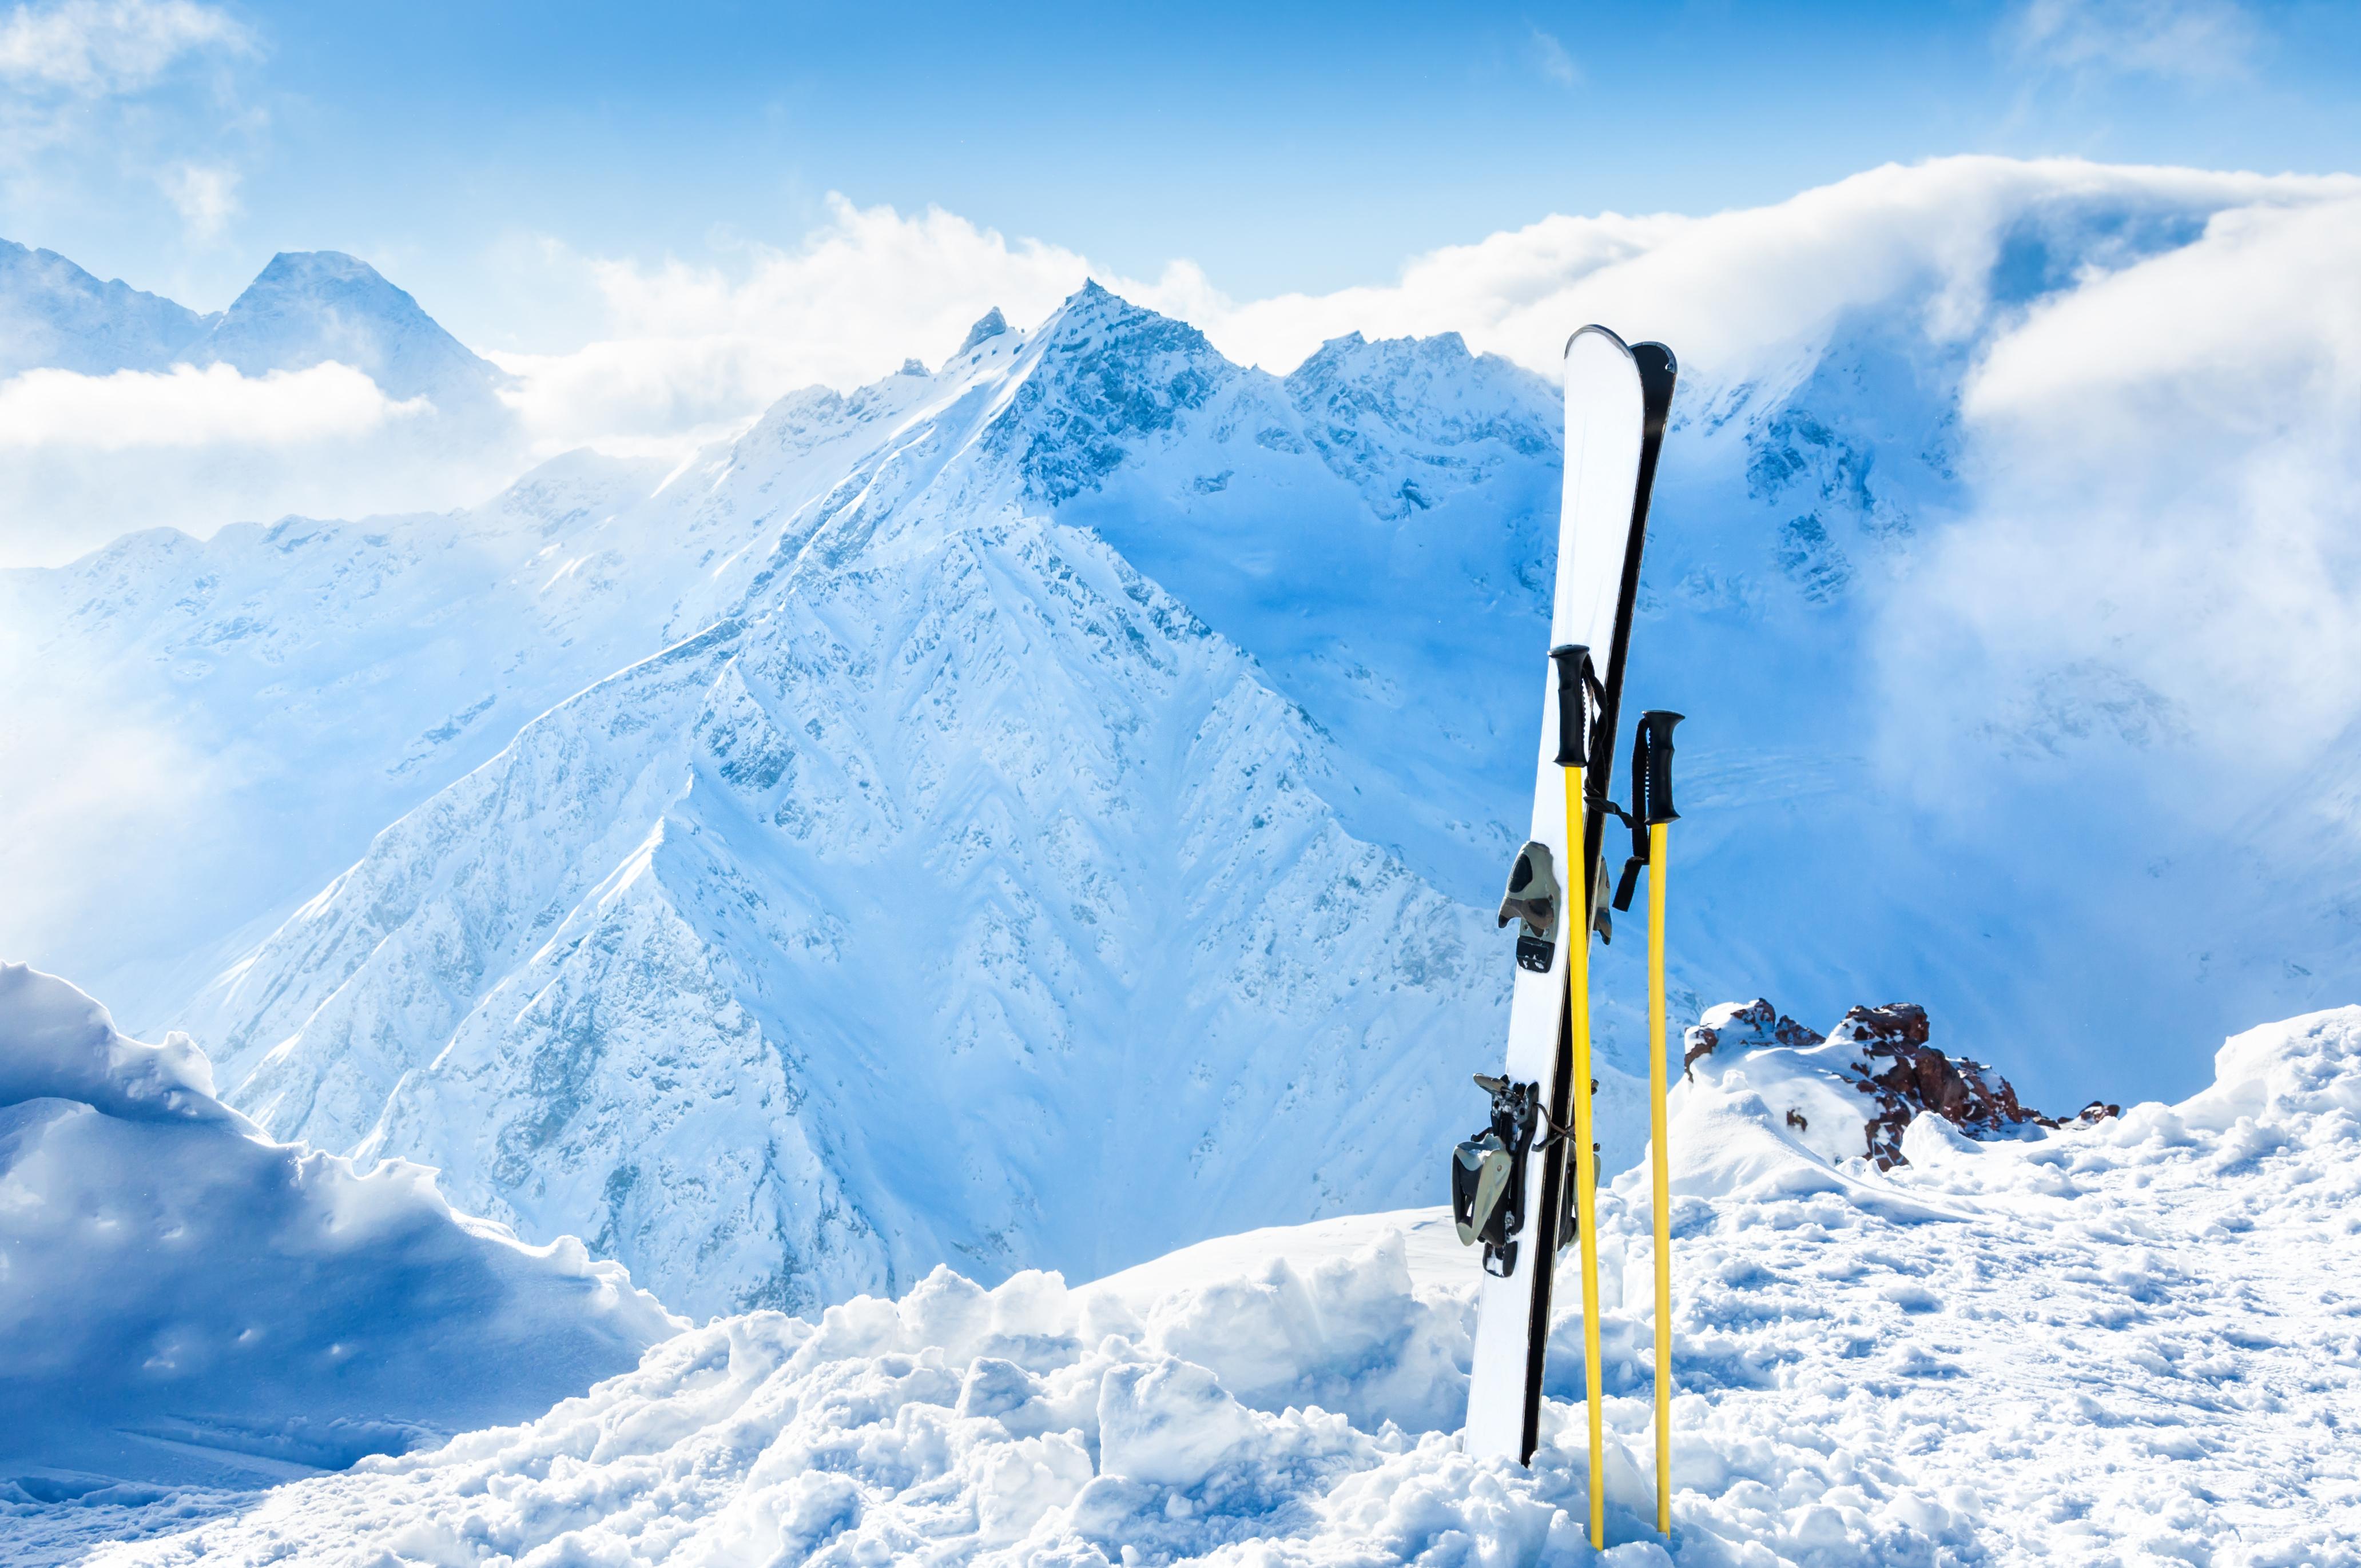 comment bien organiser ses vacances au ski montagne france. Black Bedroom Furniture Sets. Home Design Ideas